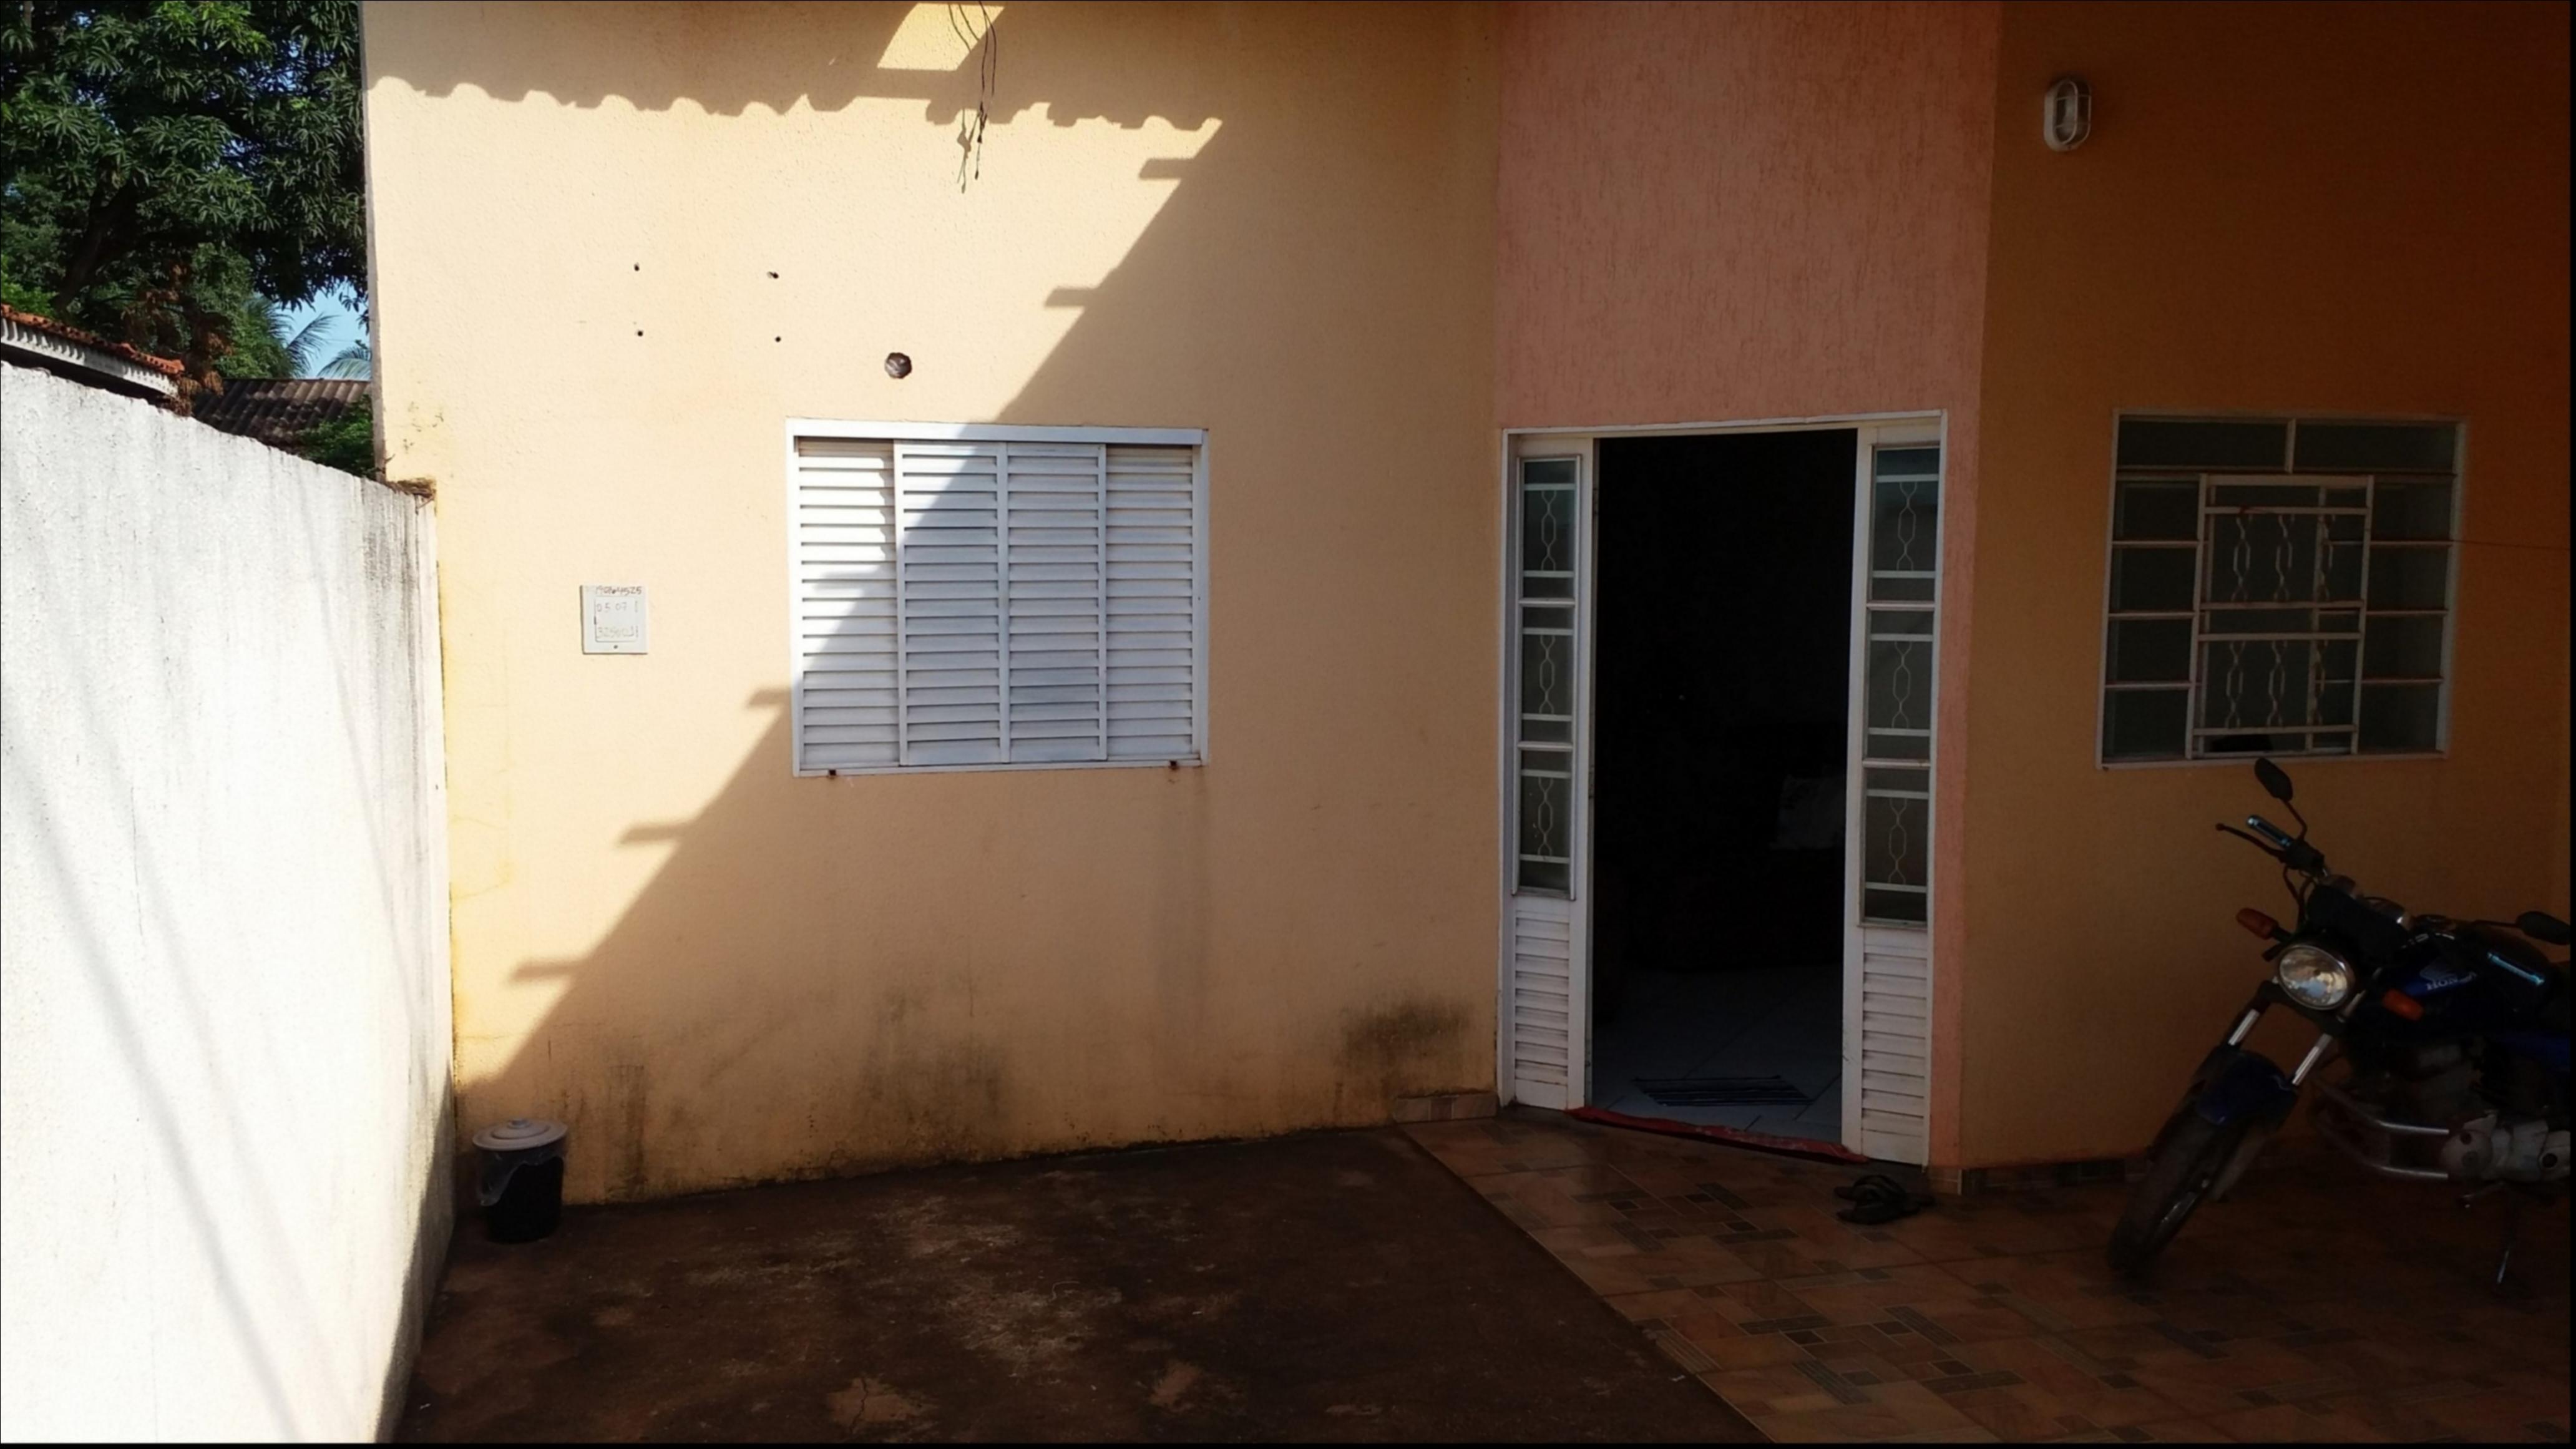 Casa para aluguel,  com 2 quartos no JD OURO VERDE em Várzea Grande MT 101 11275